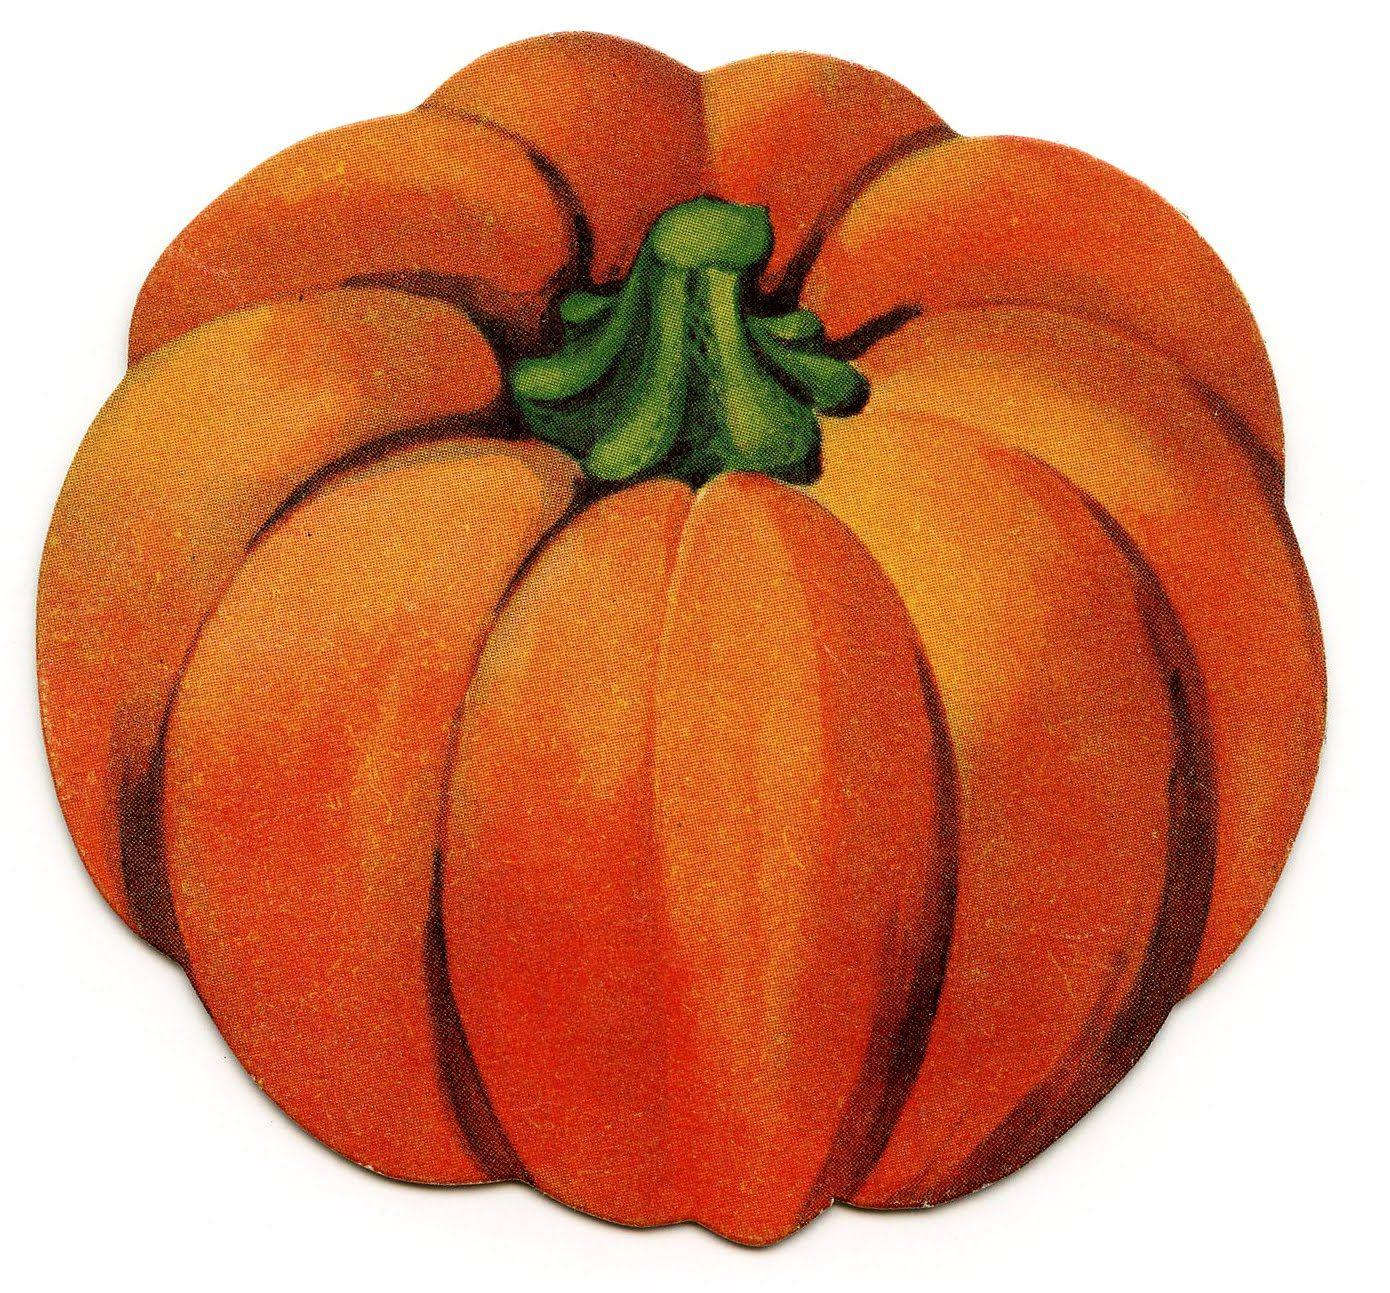 Vintage Halloween Clip Art - Cute Little Pumpkin | Zeichnen und Malen